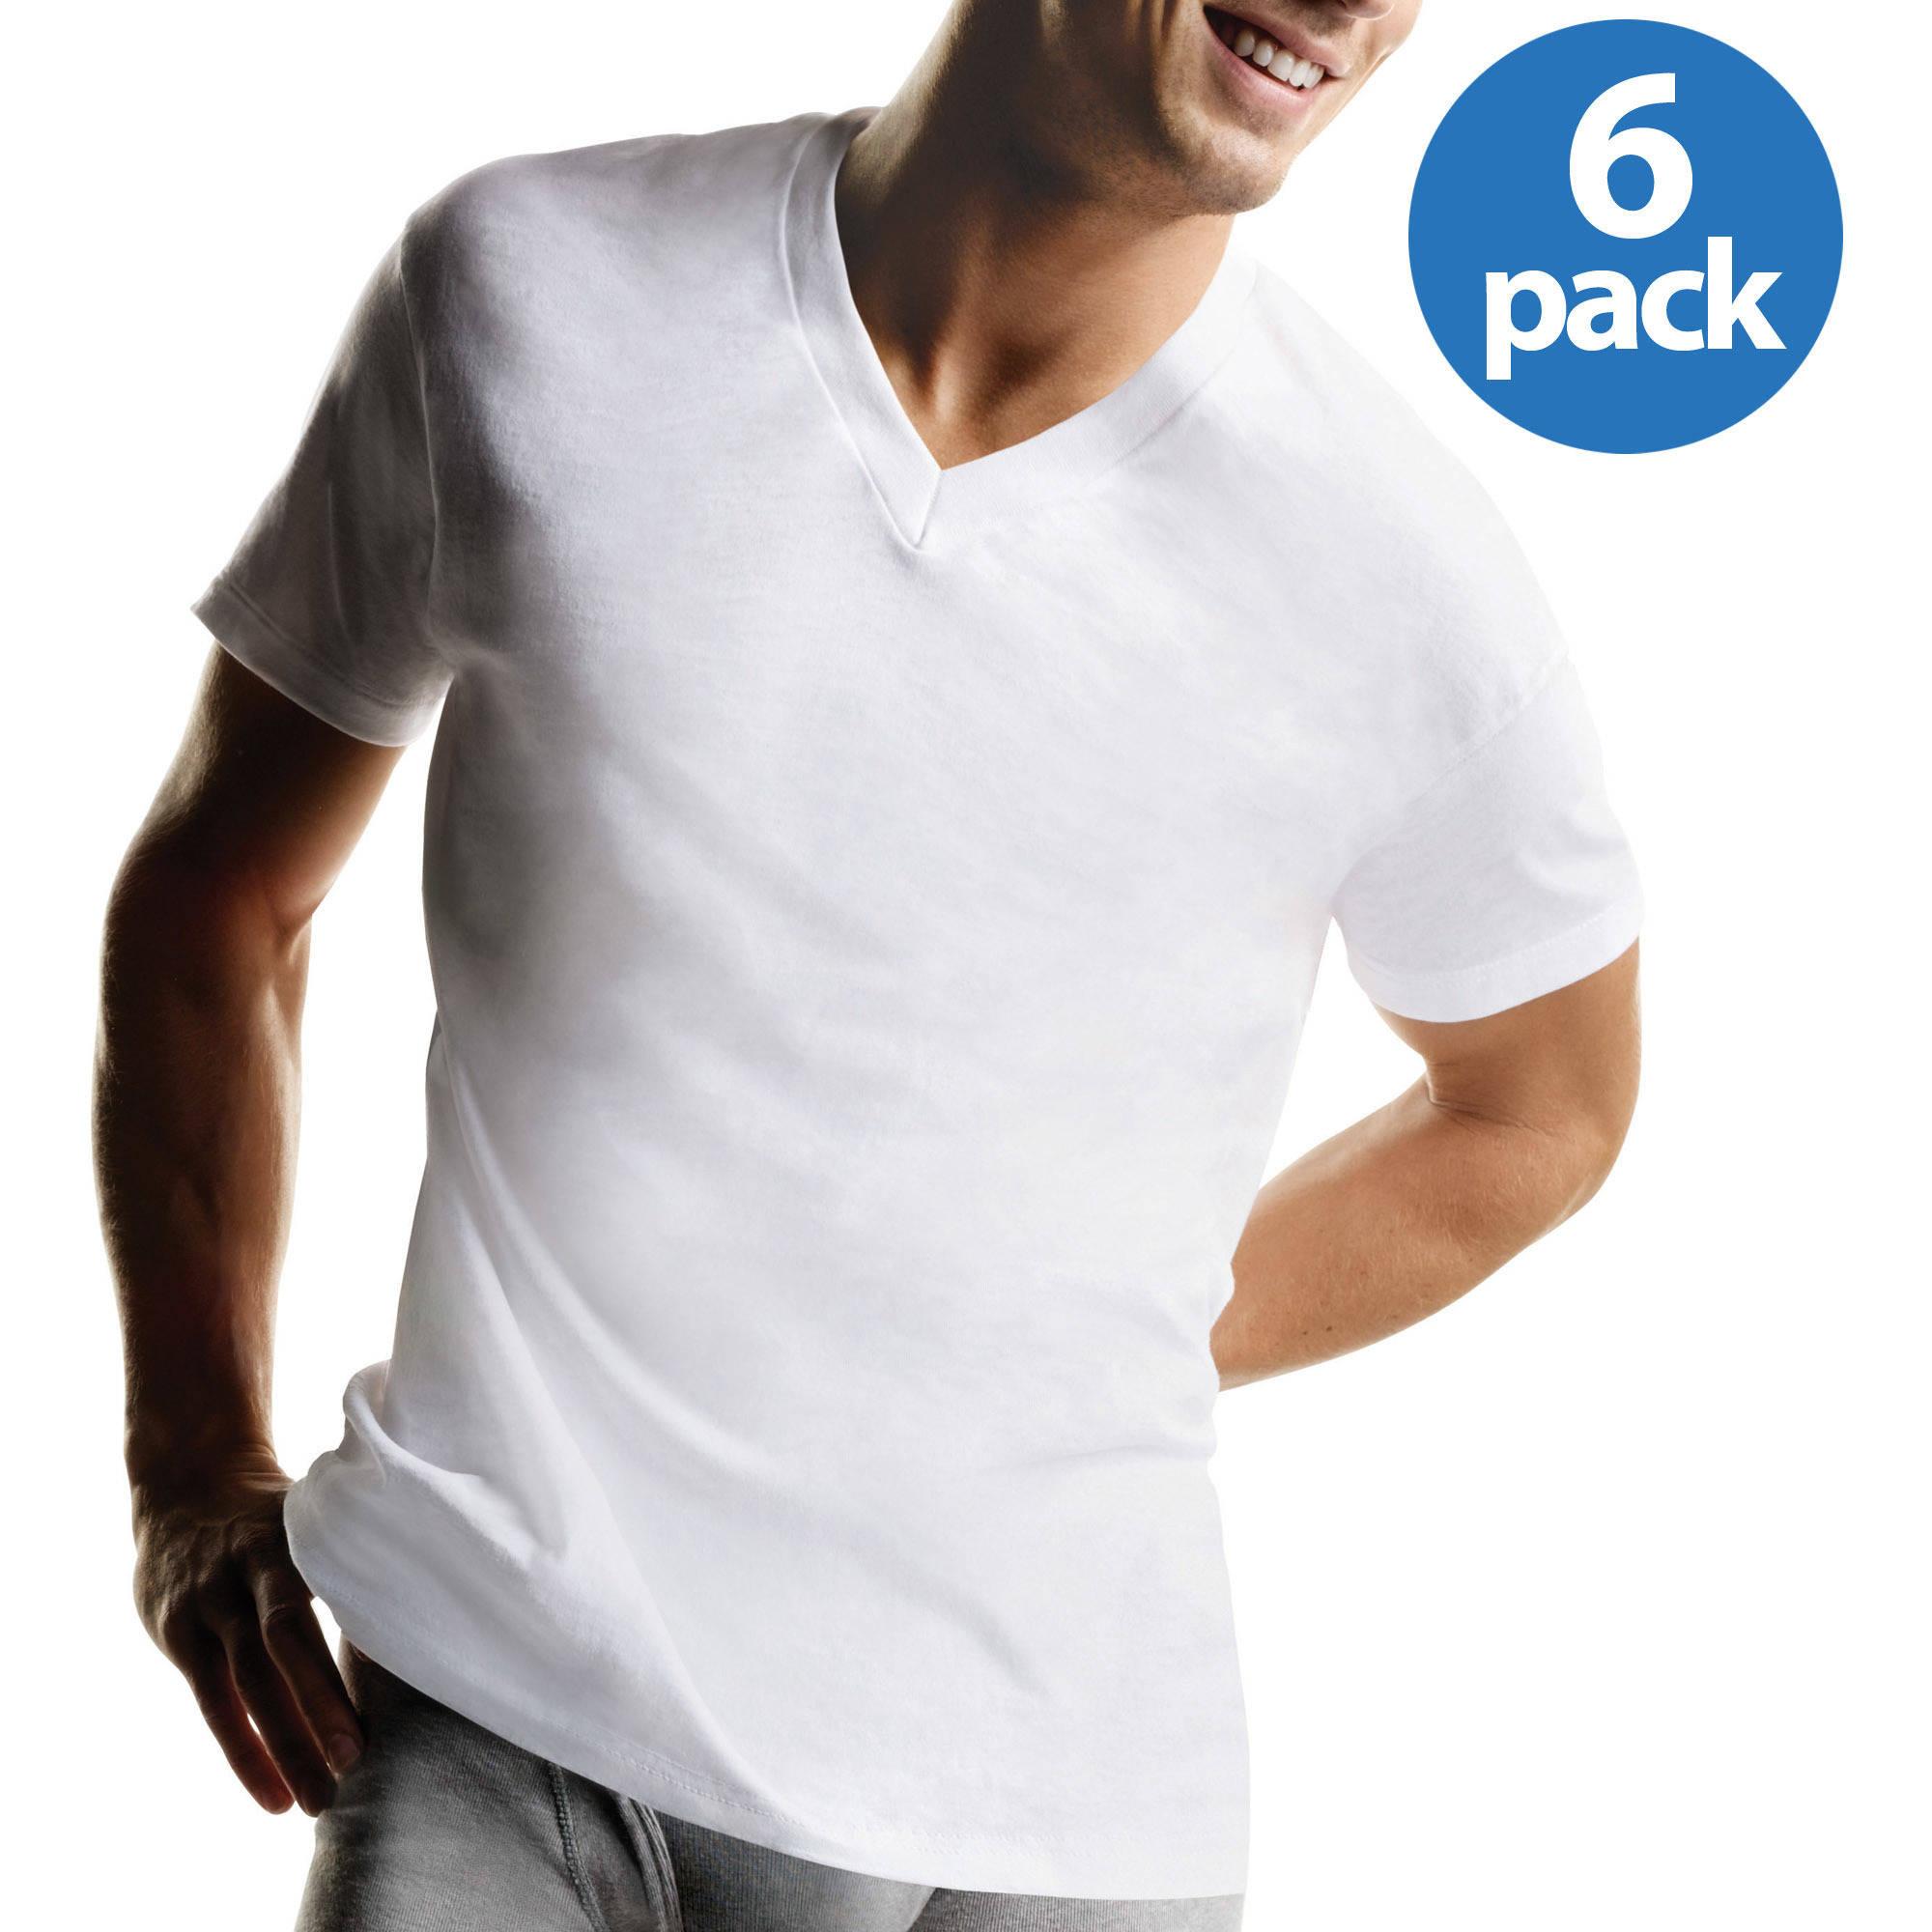 v neck t shirts hanes menu0027s freshiq comfortsoft white v-neck t-shirt 6-pack TKMCTNF